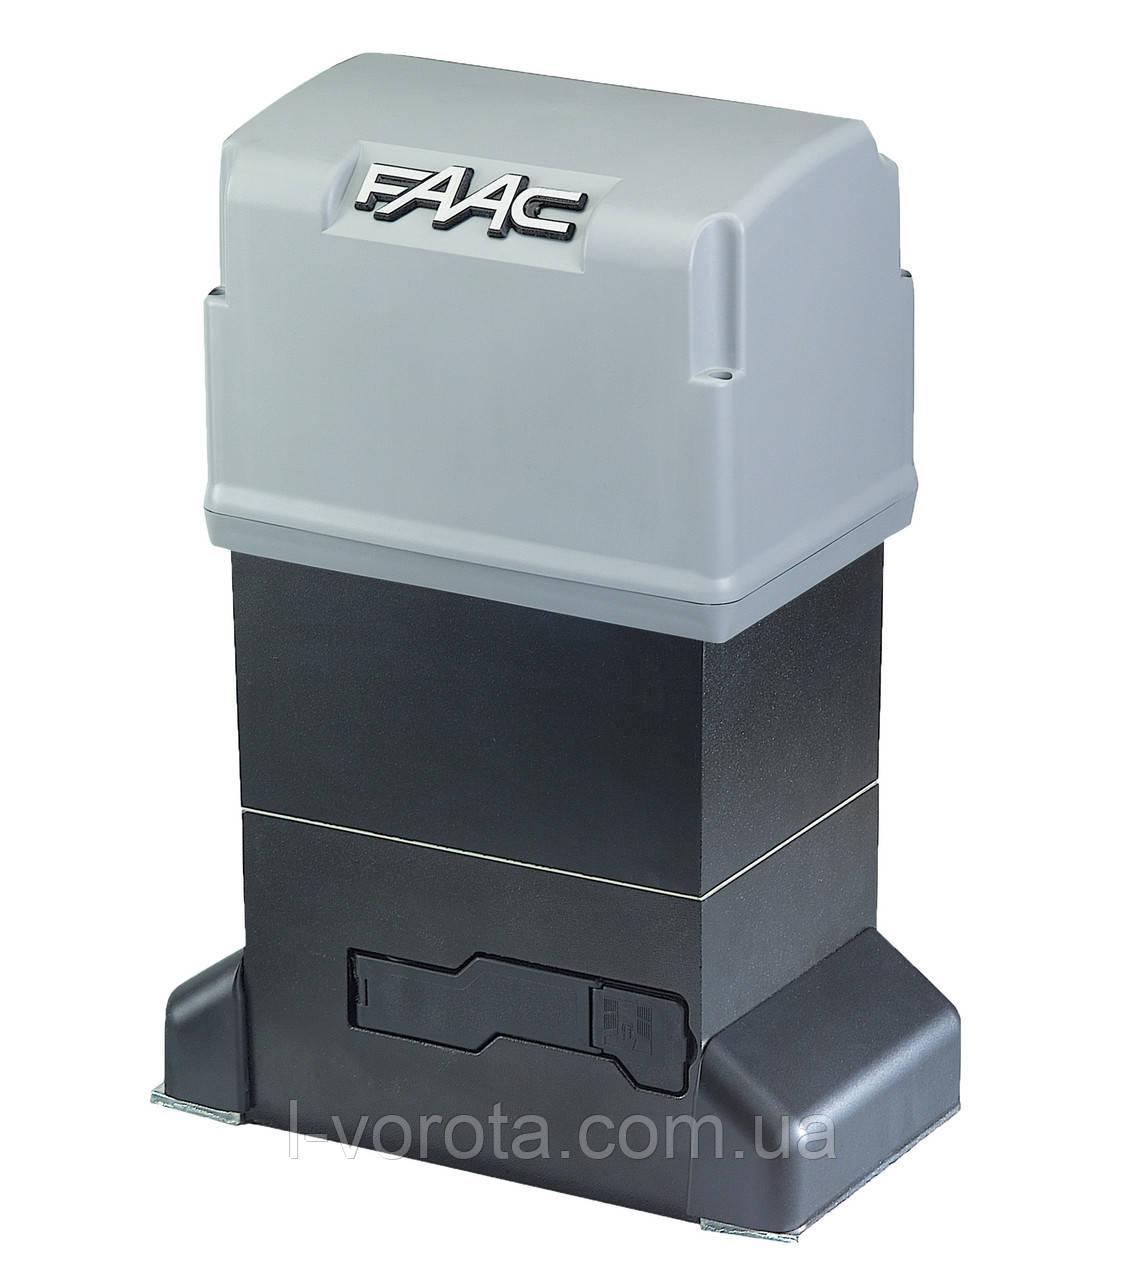 FAAC 844R 3PH  промышленный привод для откатных (сдвижных) ворот (макс. вес ворот 2200 кг)